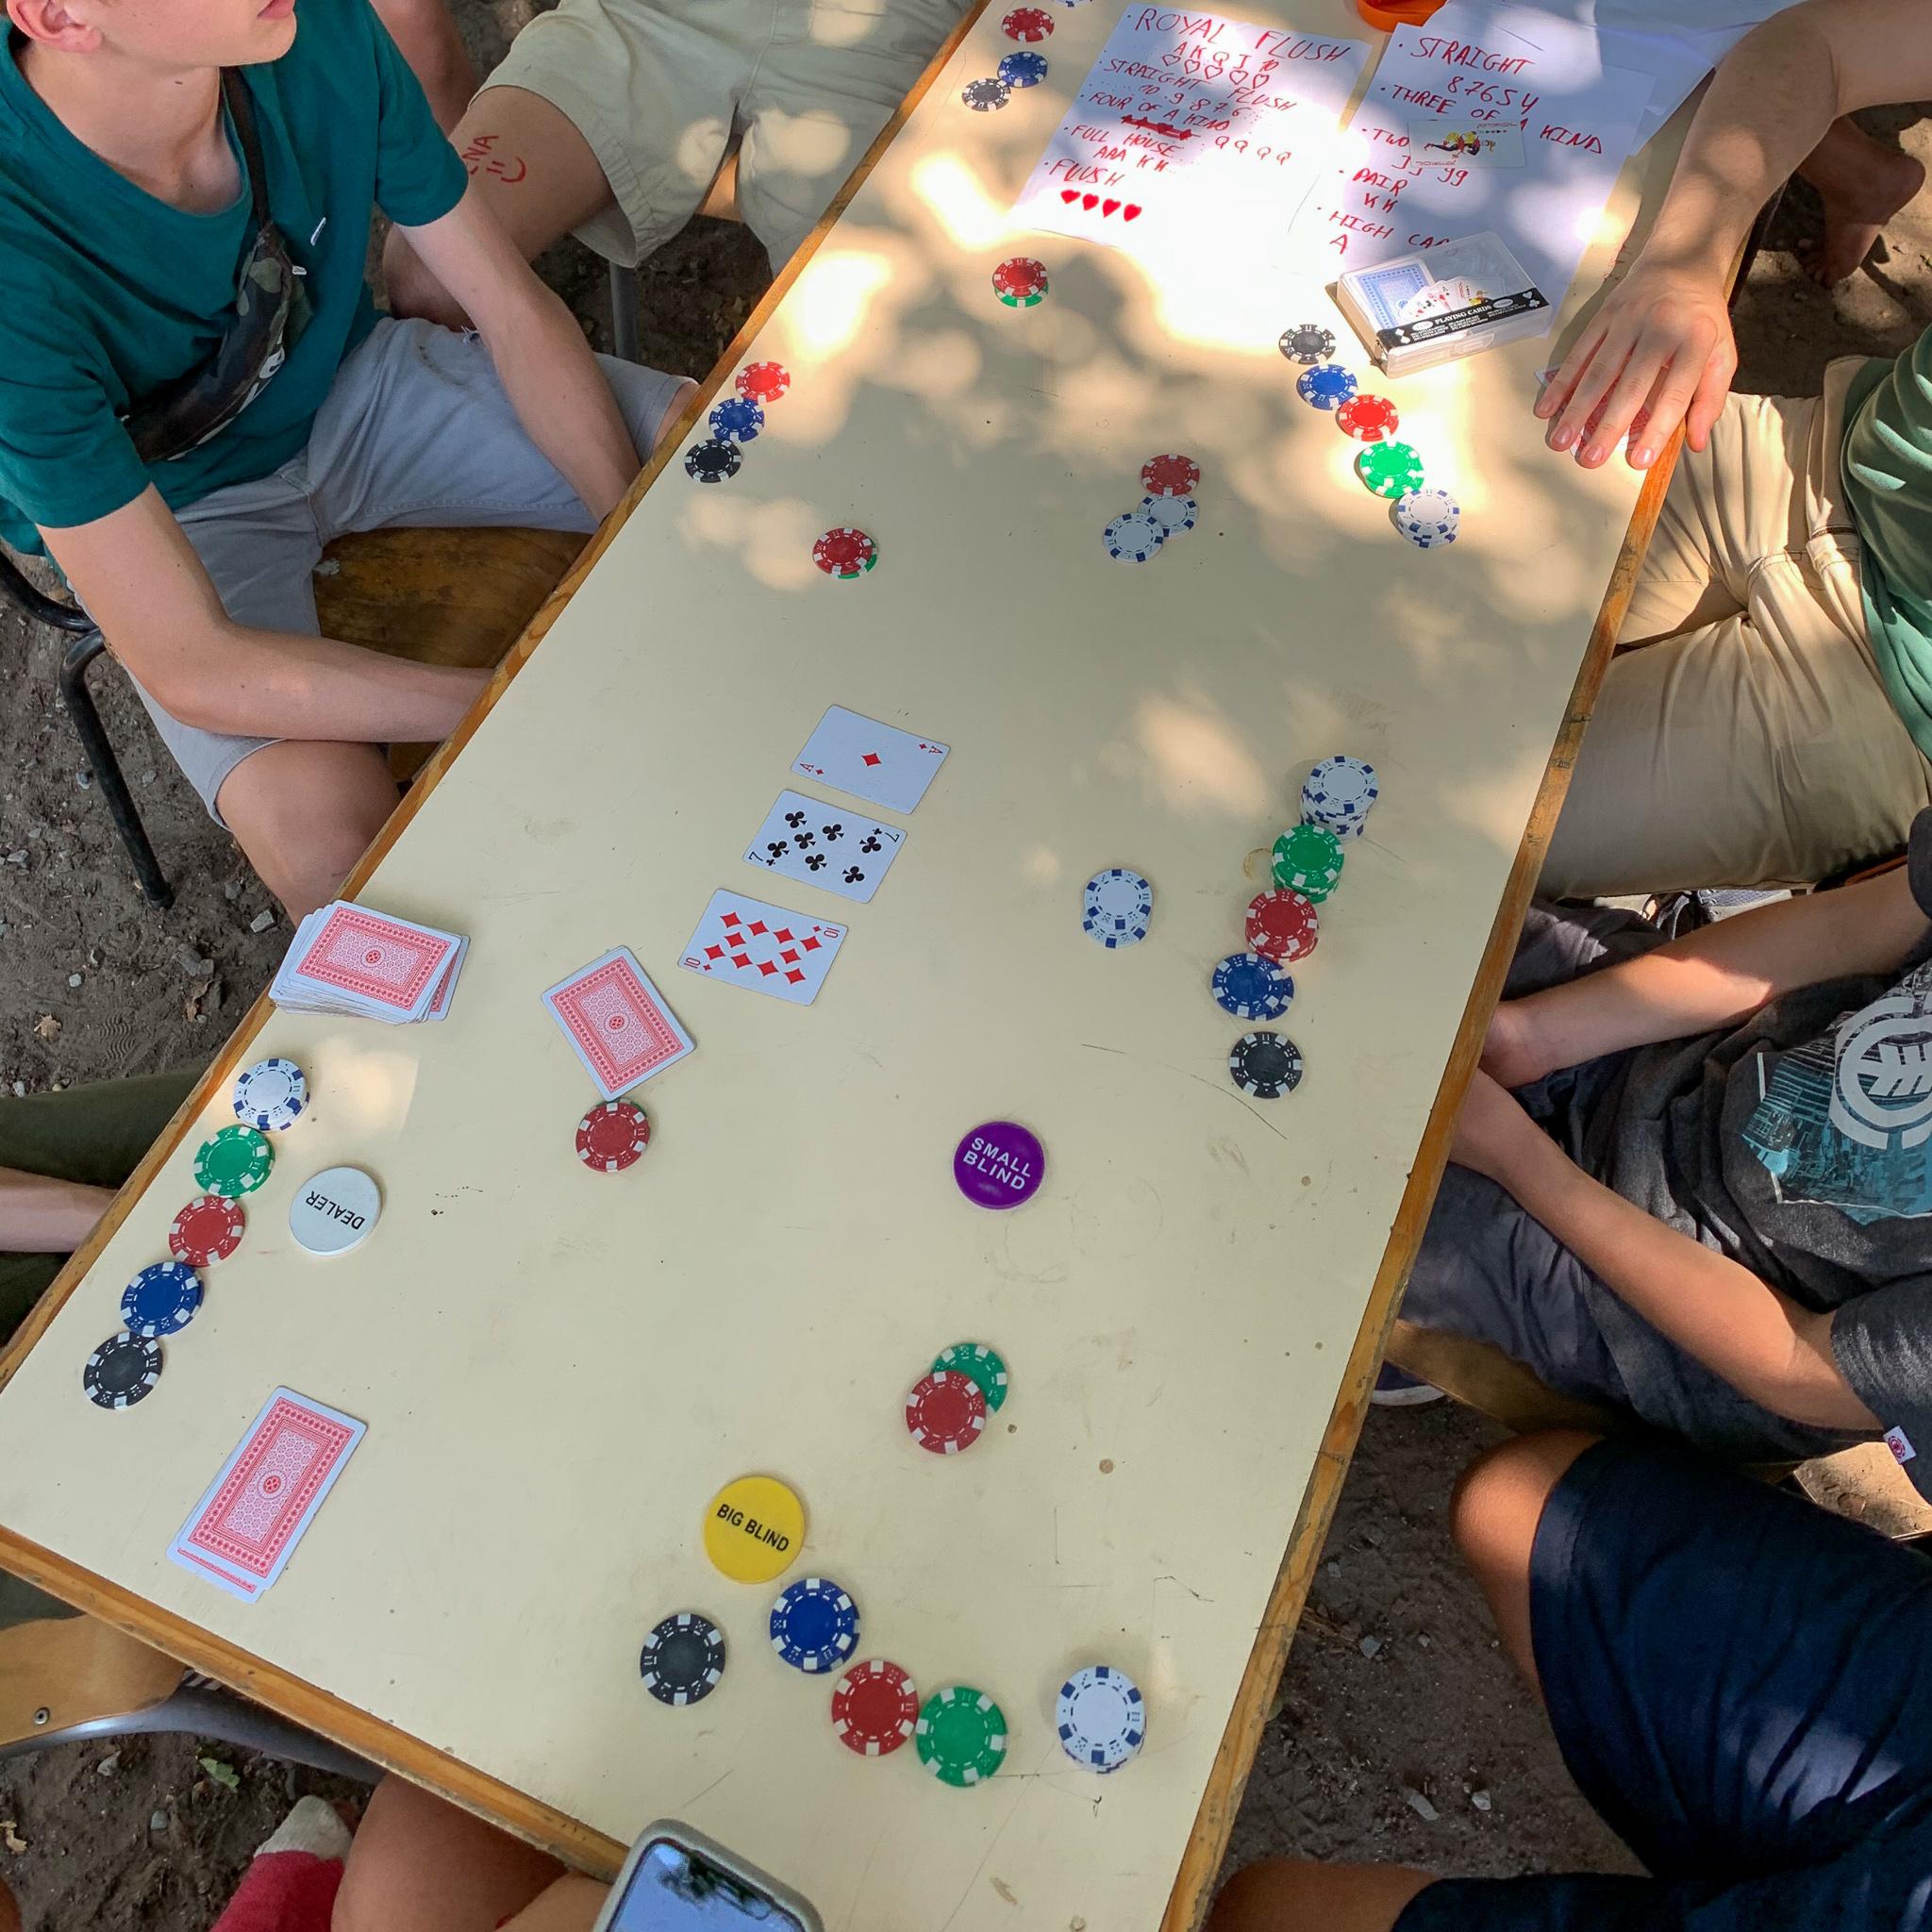 De vops (tieners) spelen graag gezelschapspelletjes zoals poker